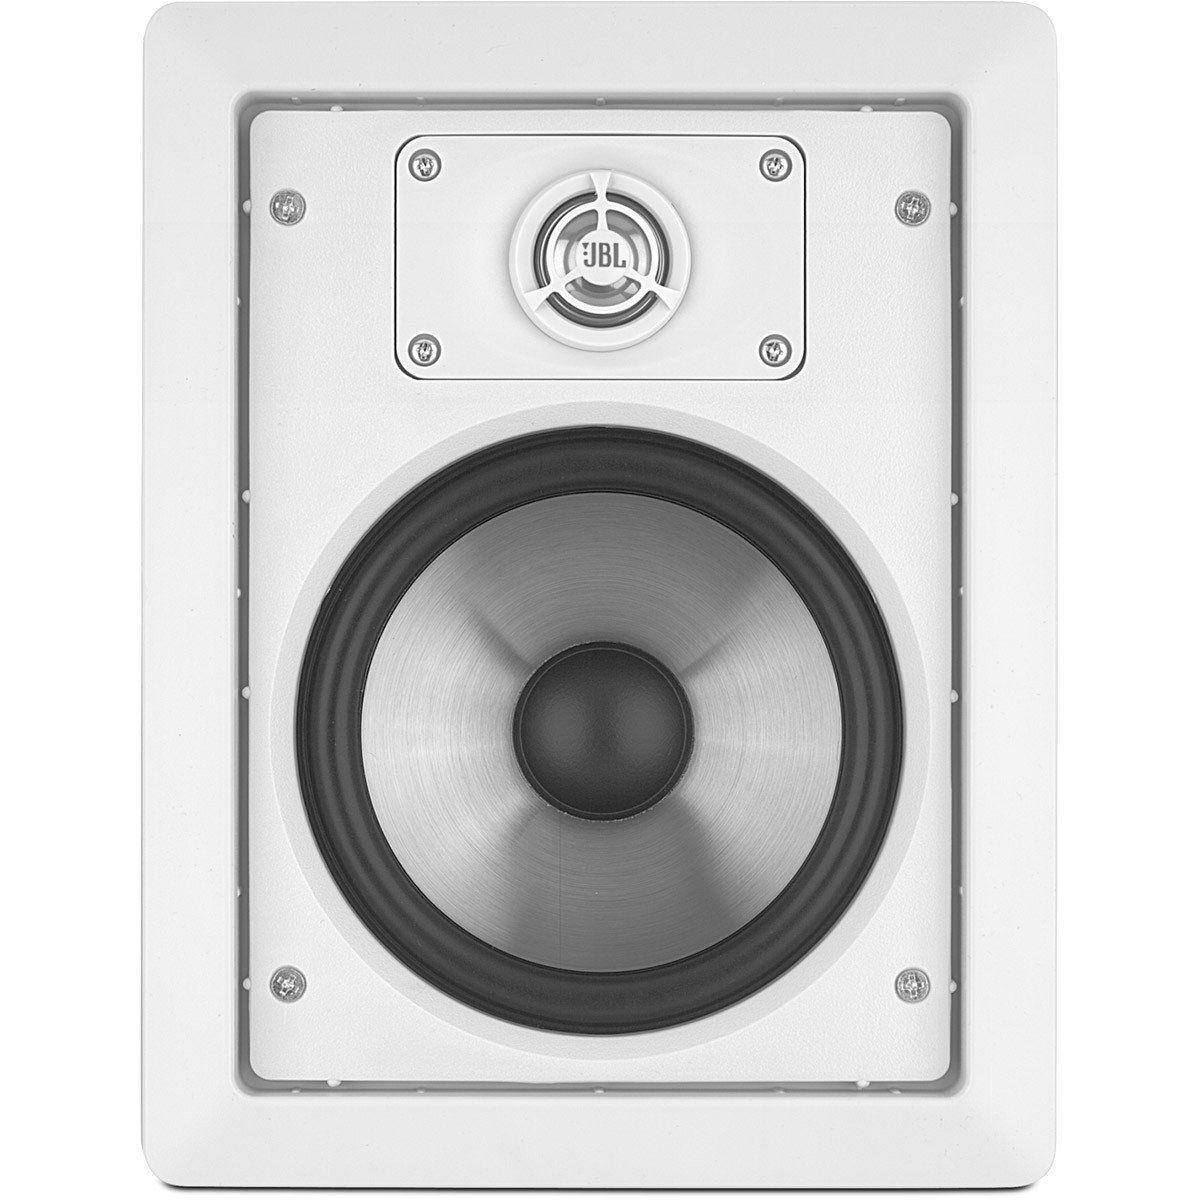 Jbl Home SP6 80W Caixa de Som Sonorização Ambiente Home Theater